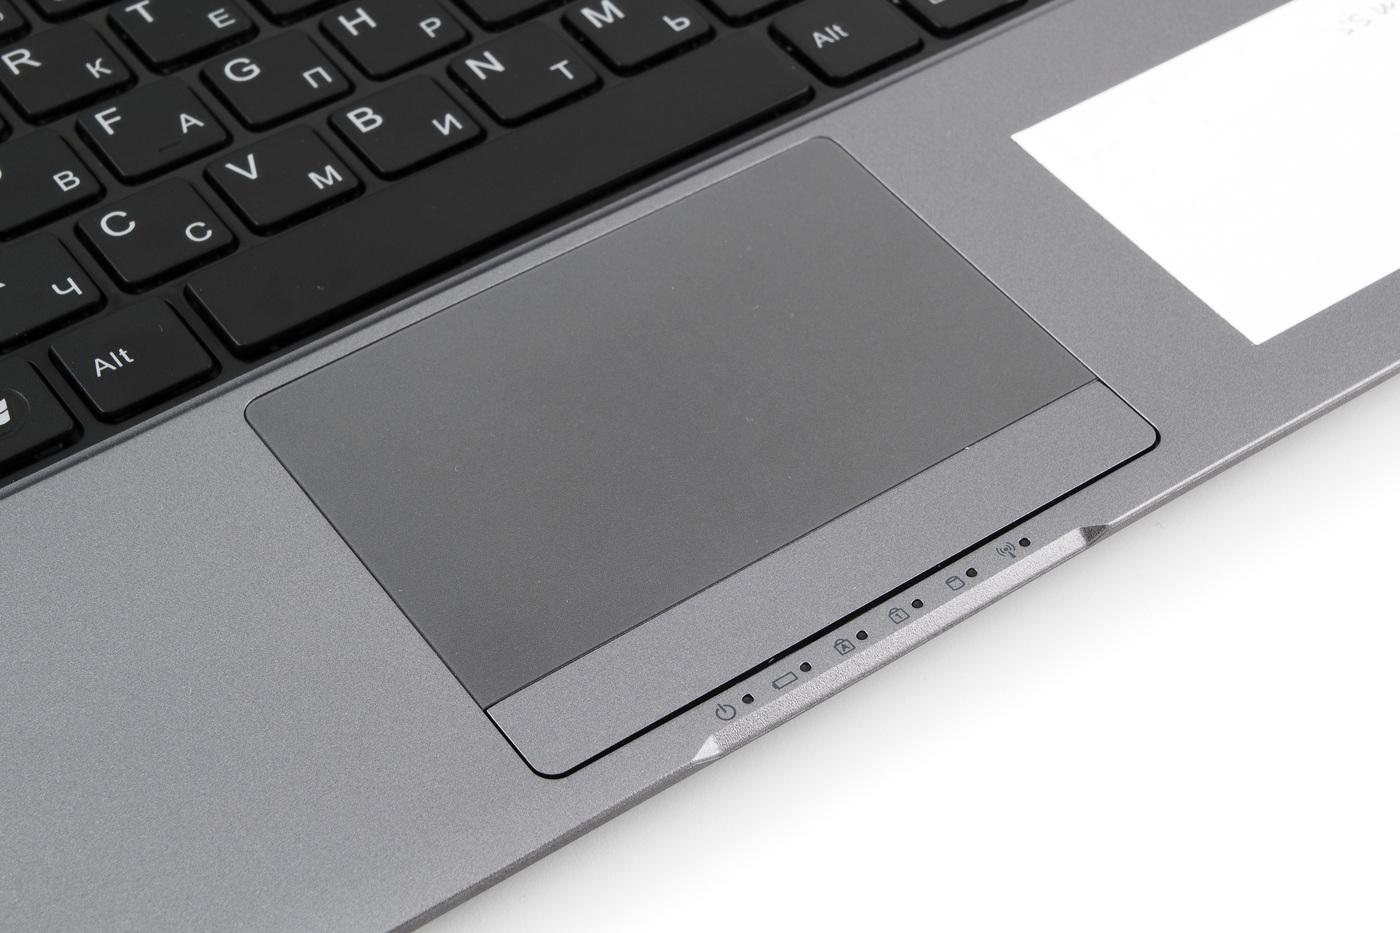 Тачпад на ноутбуке: как включить и настроить